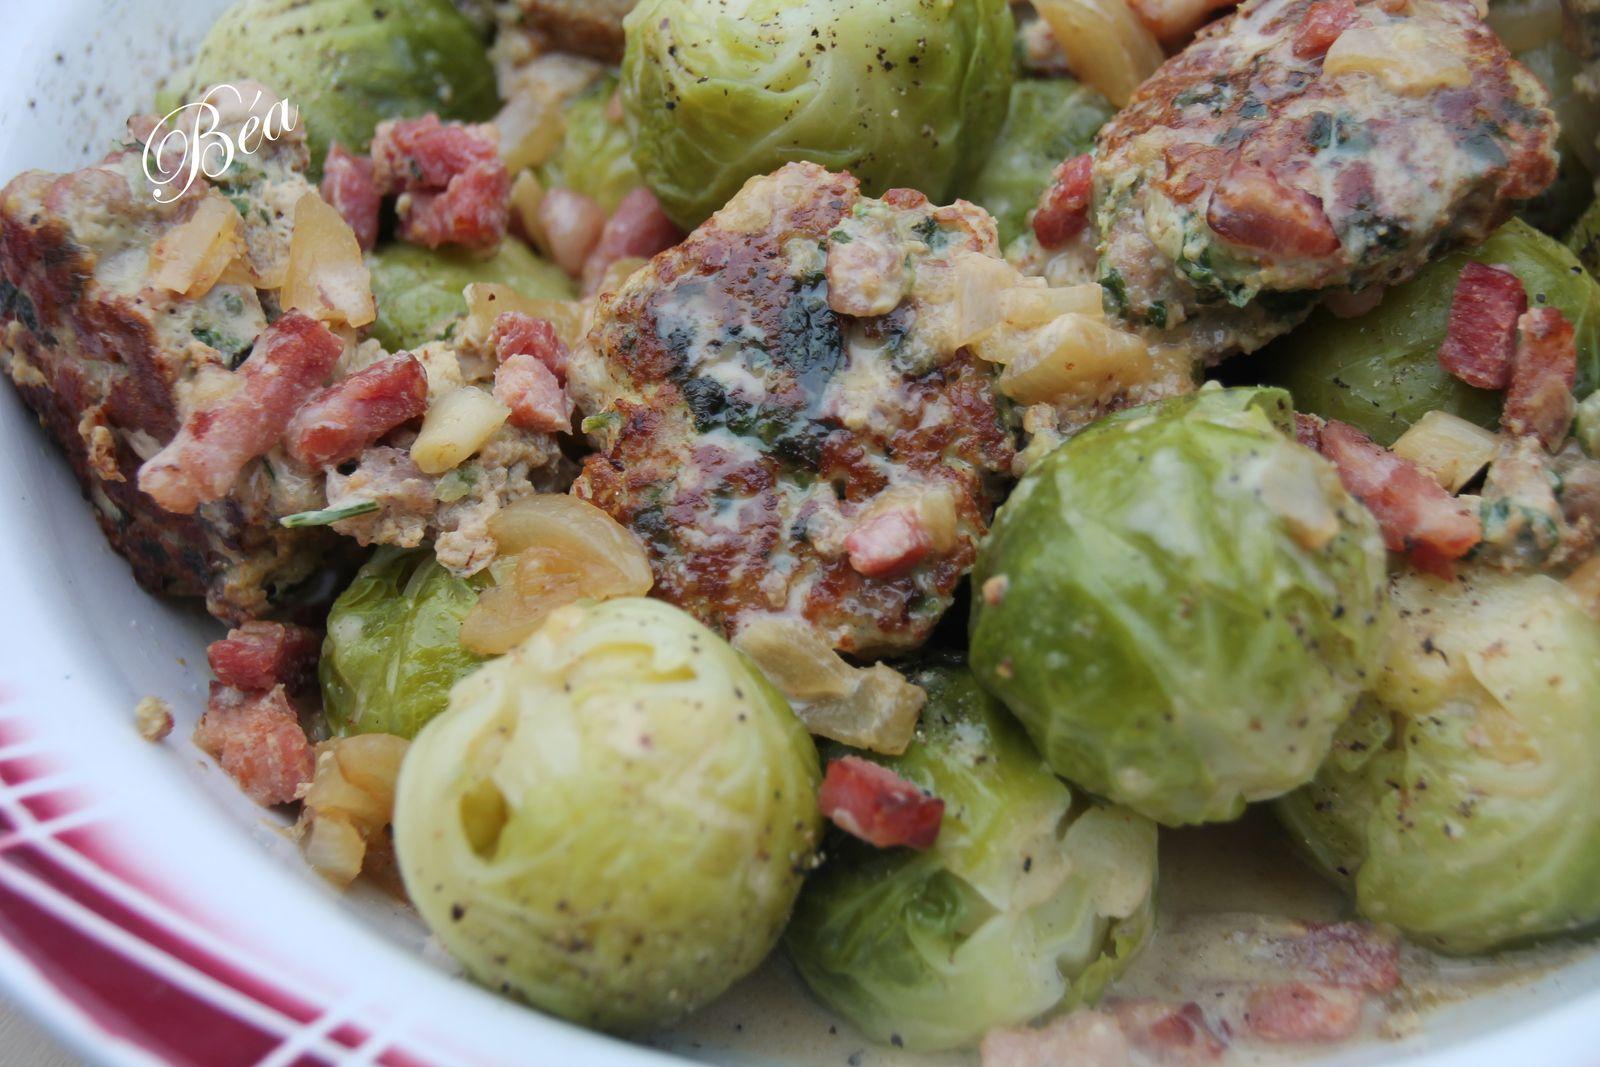 Poêlée de choux de Bruxelles aux boulettes de porc aux herbes